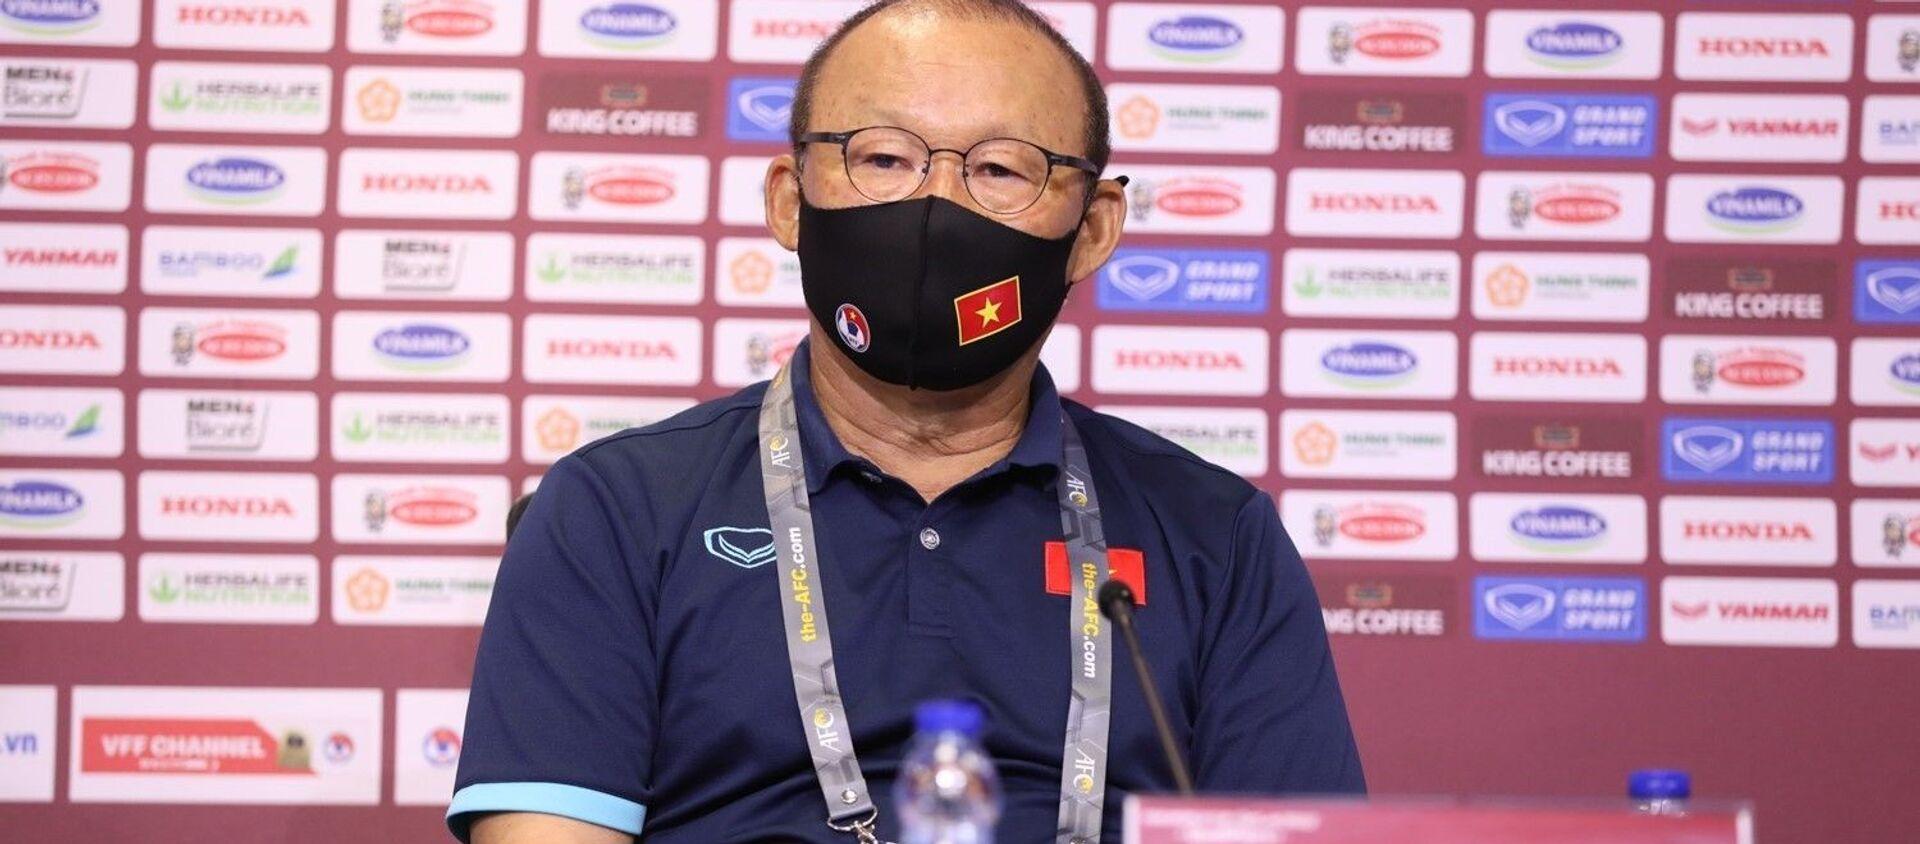 HLV Park Hang-seo cho biết mục tiêu của trận đấu này là sự chiến thắng của đội tuyển Việt Nam. - Sputnik Việt Nam, 1920, 08.06.2021